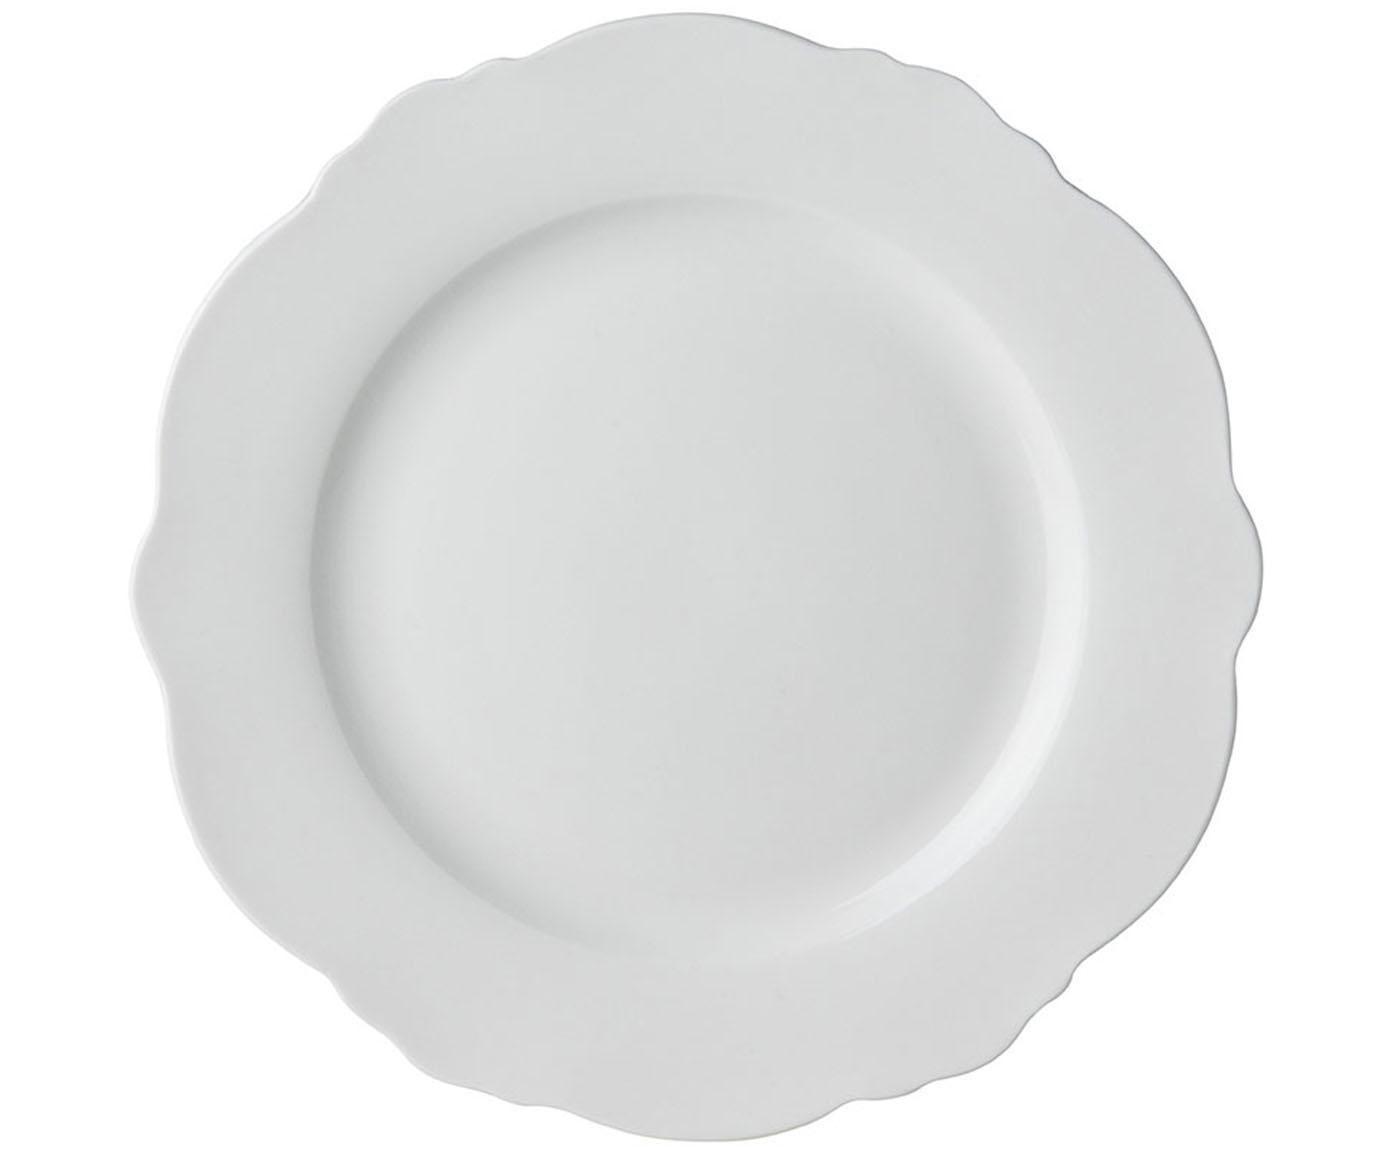 Frühstücksteller Muschel Loft mit geschwungenem Rand, 4 Stück, Porzellan, Weiss, Ø 21 x H 2 cm